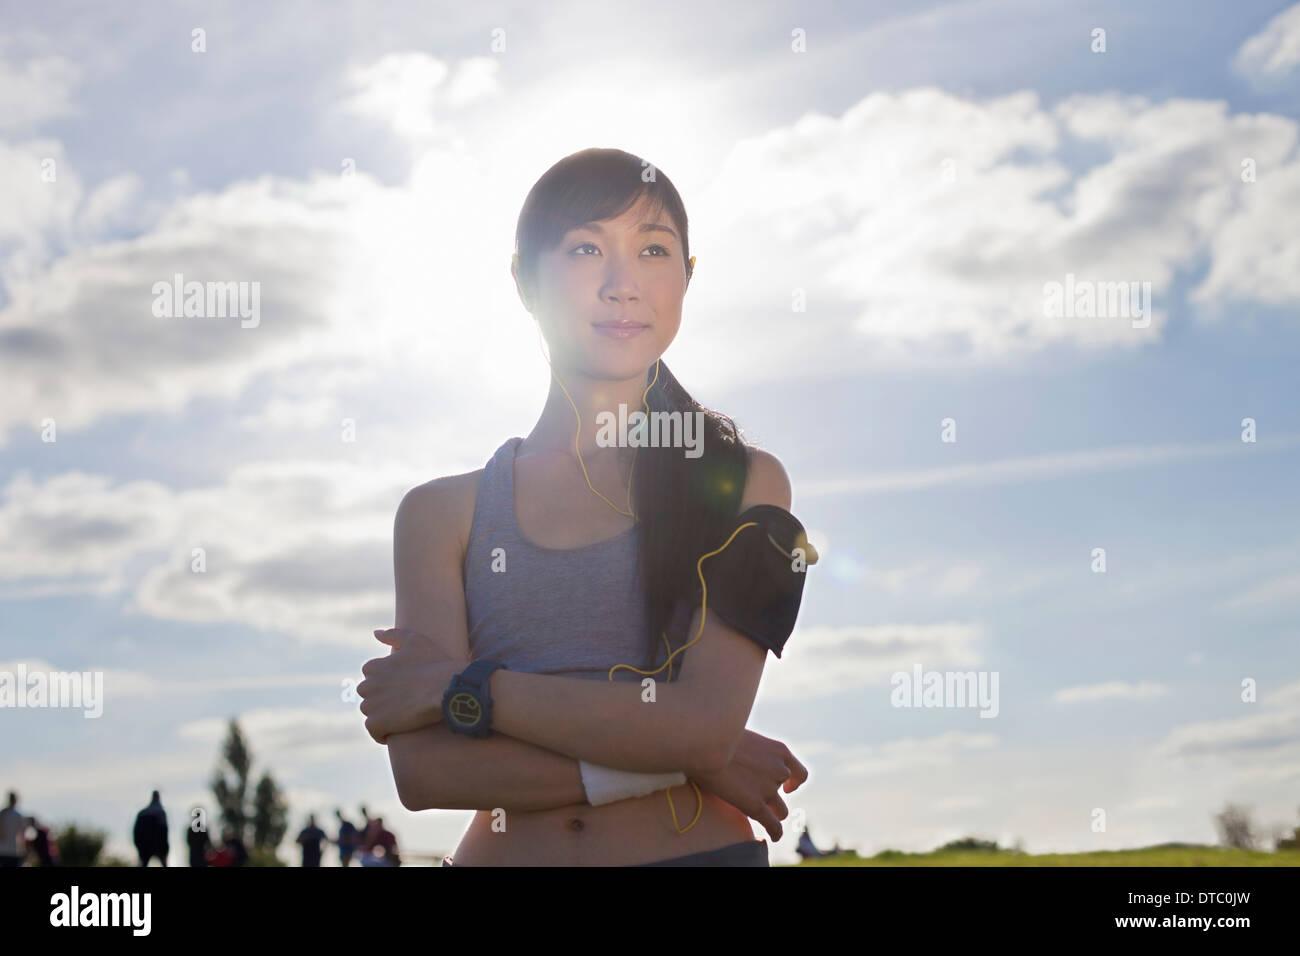 Porträt der jungen weiblichen Läufer mit verschränkten Armen Stockbild